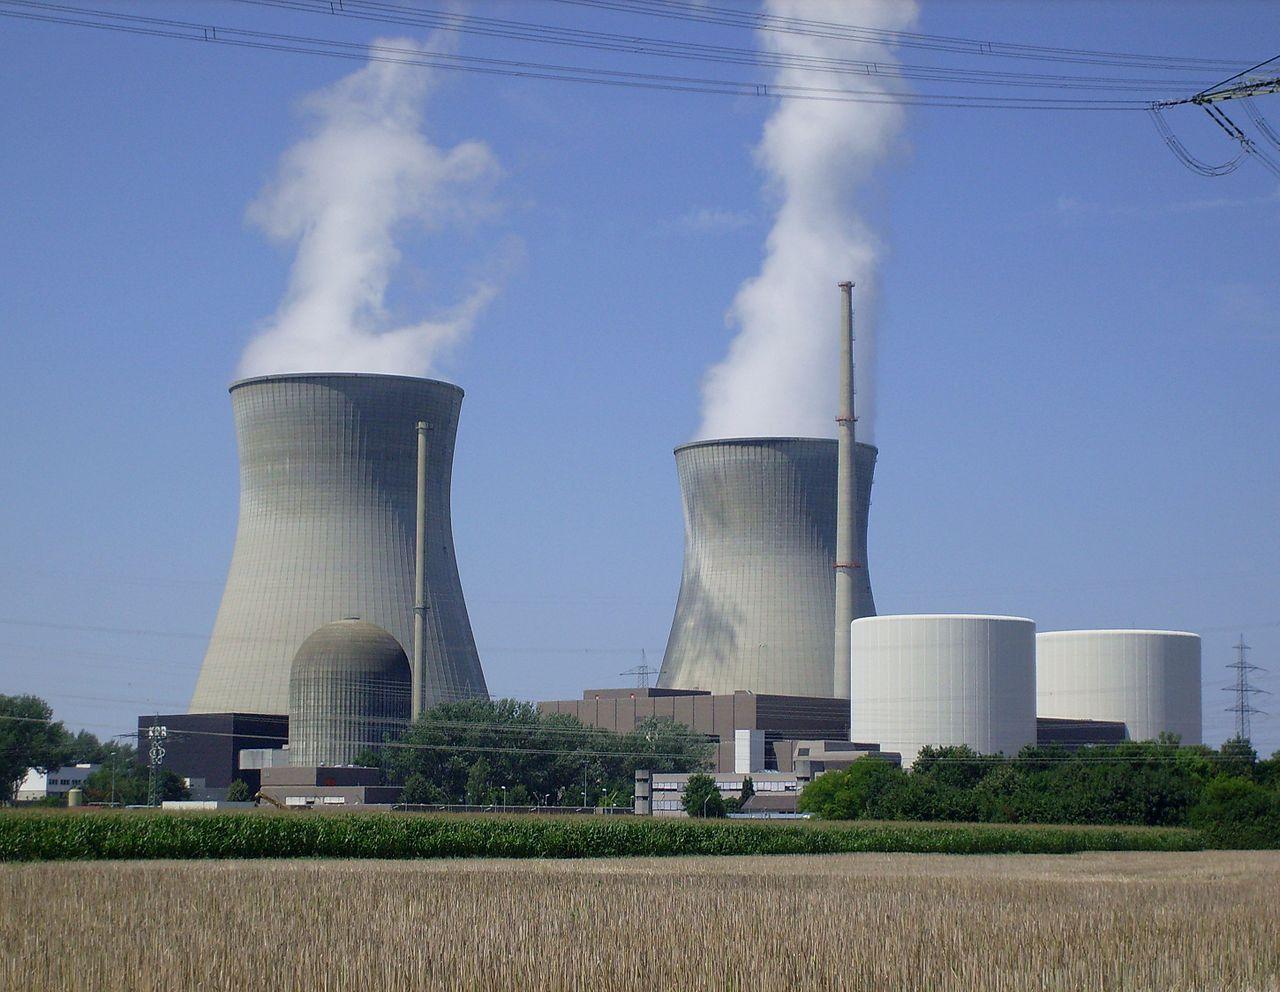 Das Kernkraftwerk Gundremmingen: Block A (links vorn),Blöcke B und C (rechts) mit beiden Kühltürmen (hinten)